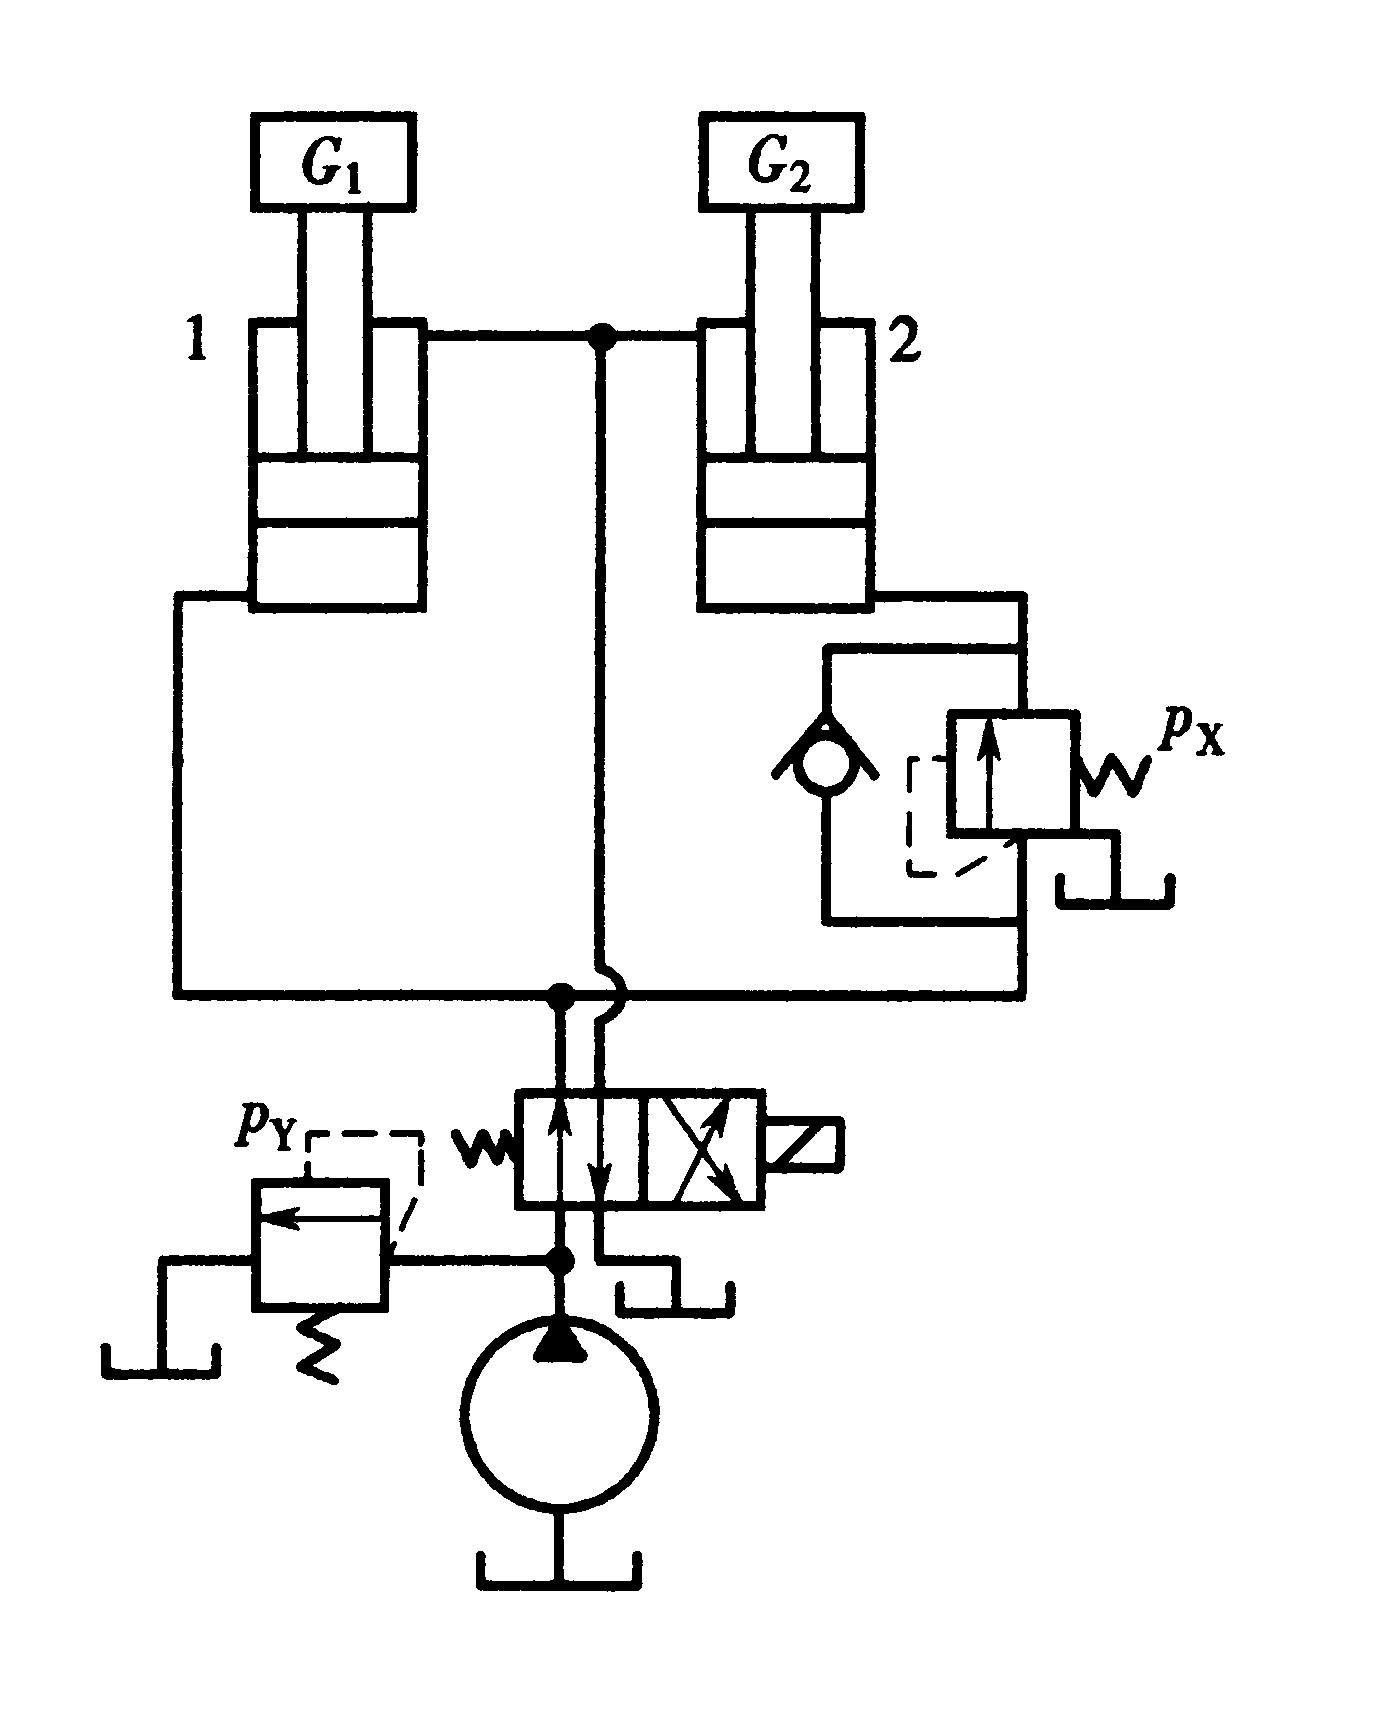 两液压缸的工作顺序为:液压缸1先动,上升到顶端位置后液压缸2再向上图片